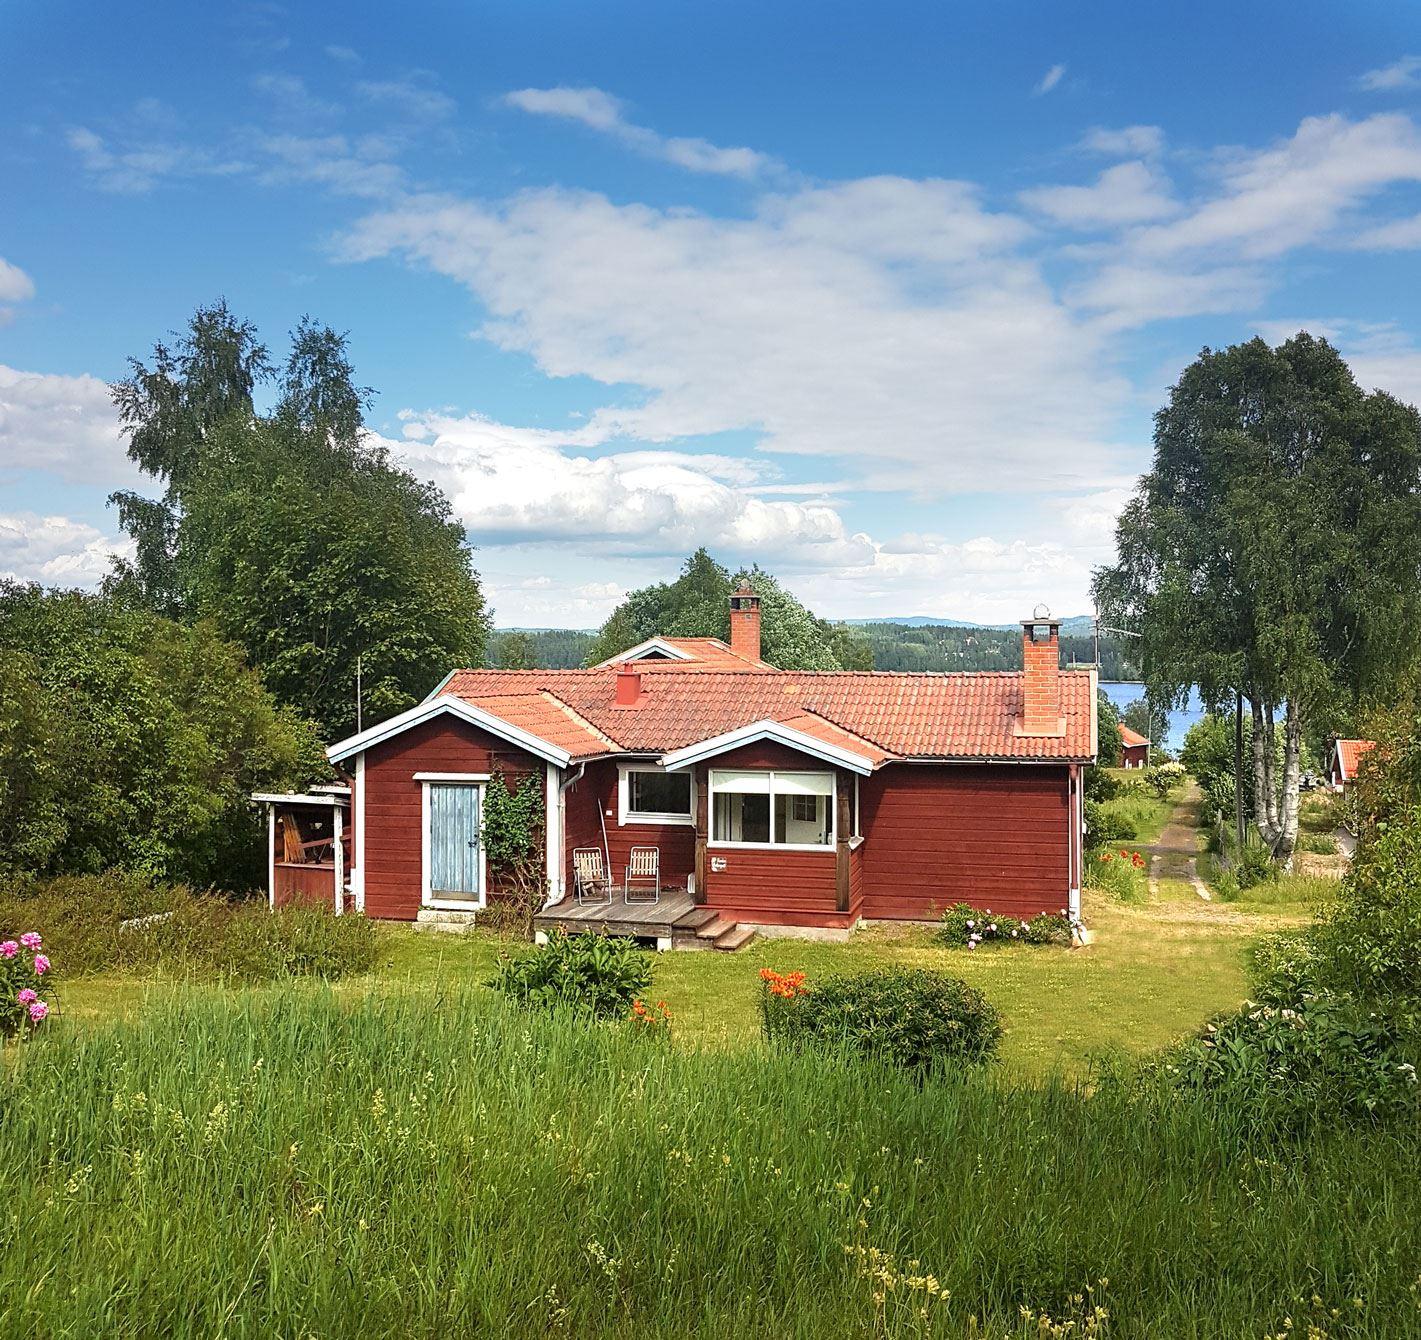 L501 Västanvik, 5 km W Leksand